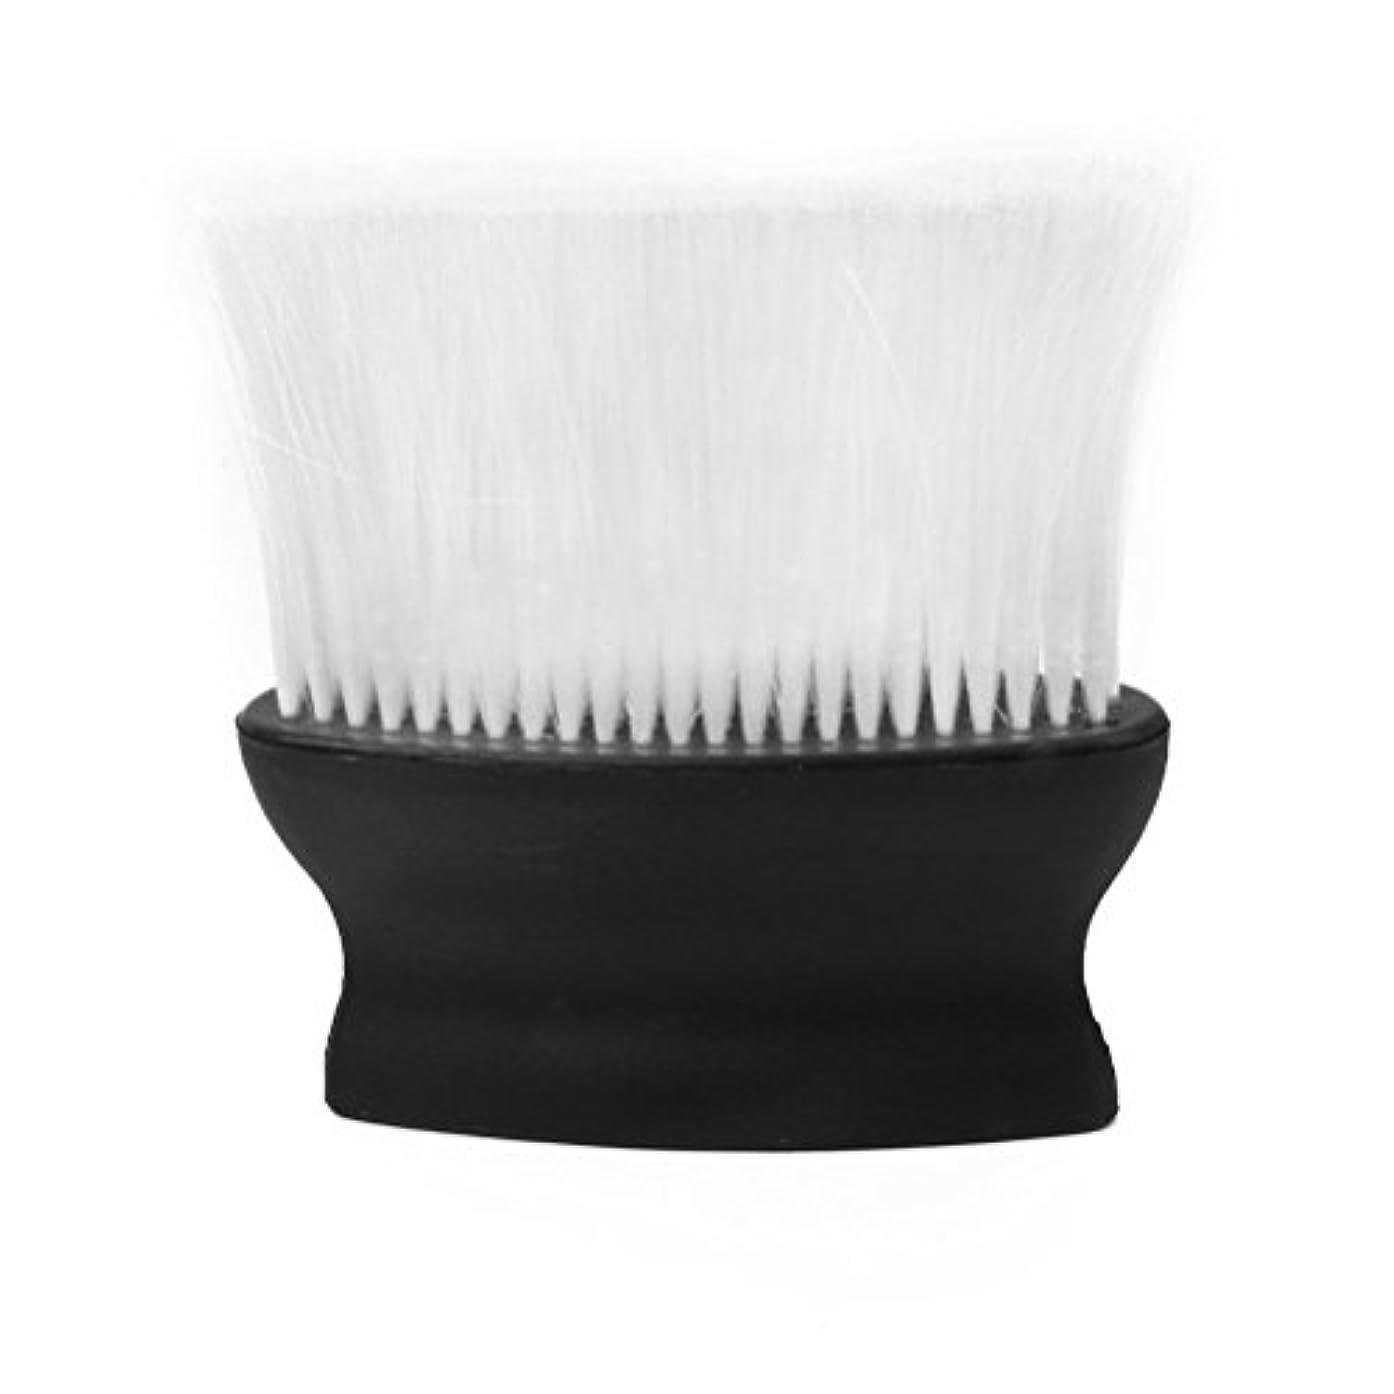 小石口ひげ露骨なHEALLILY 理髪サロンバーバーネックフェイスダスターブラシ(ブラック+ホワイト)